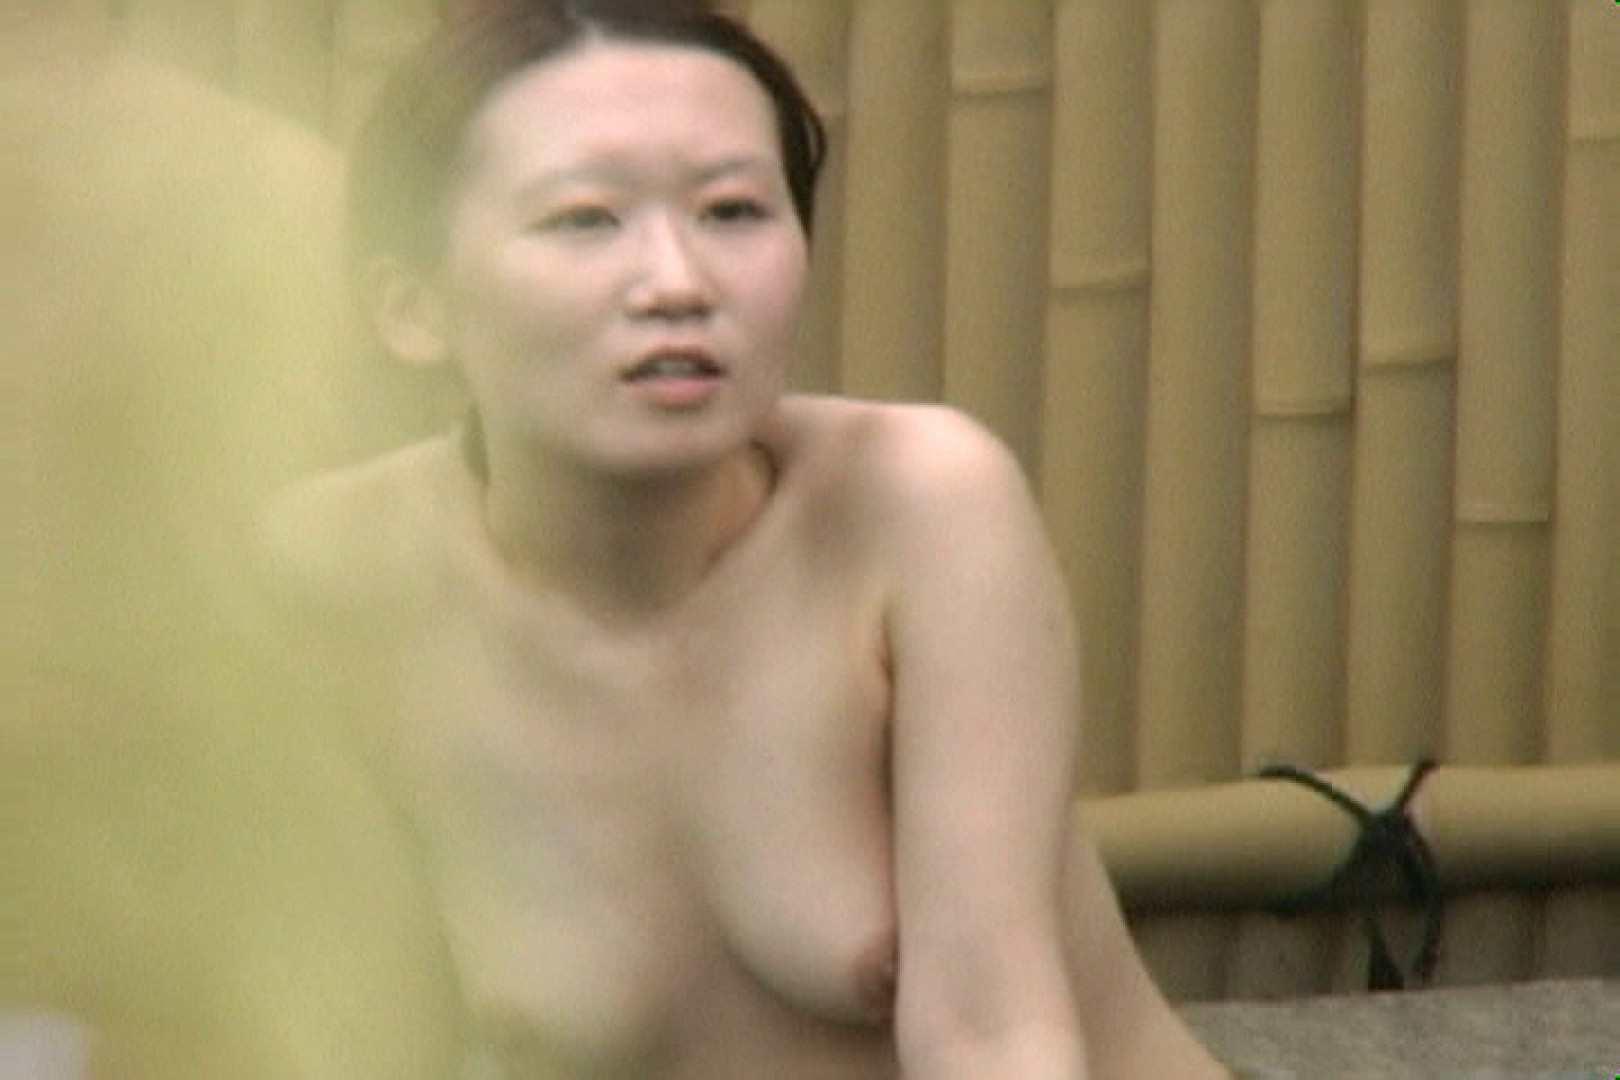 Aquaな露天風呂Vol.10【VIP】 美しいOLの裸体 | 盗撮師作品  93pic 22